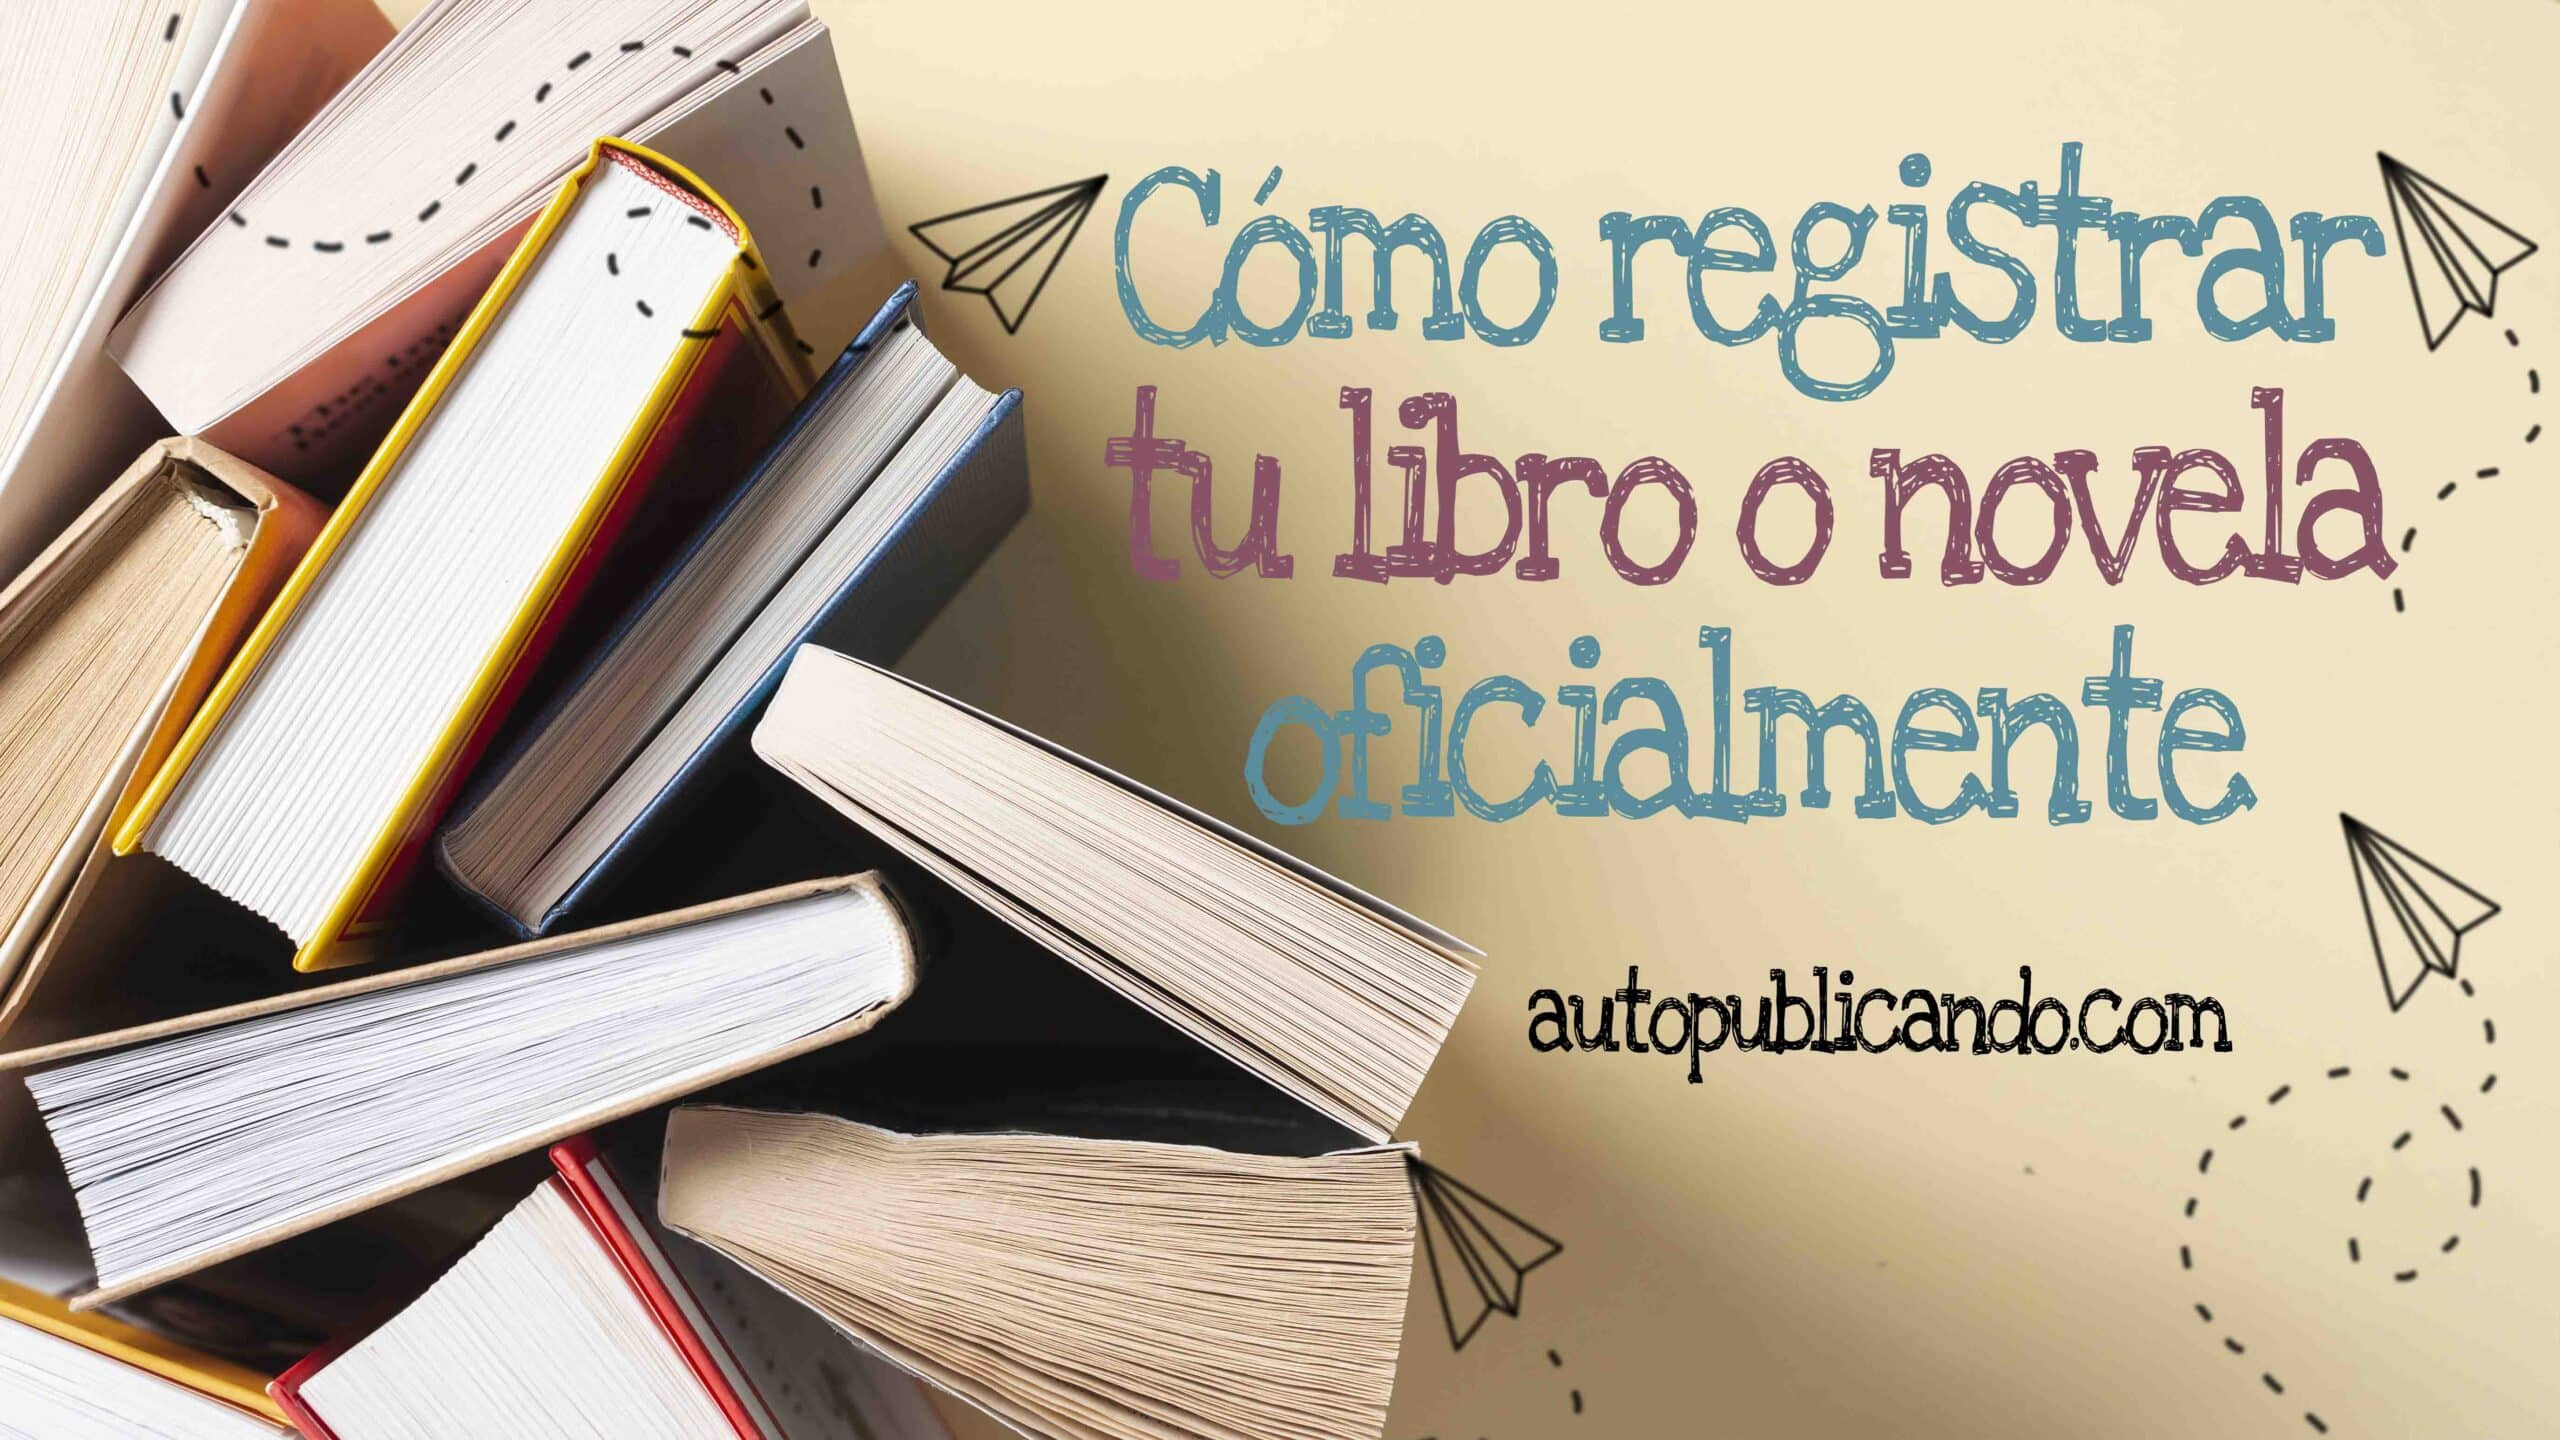 Registrar tu libro o novela